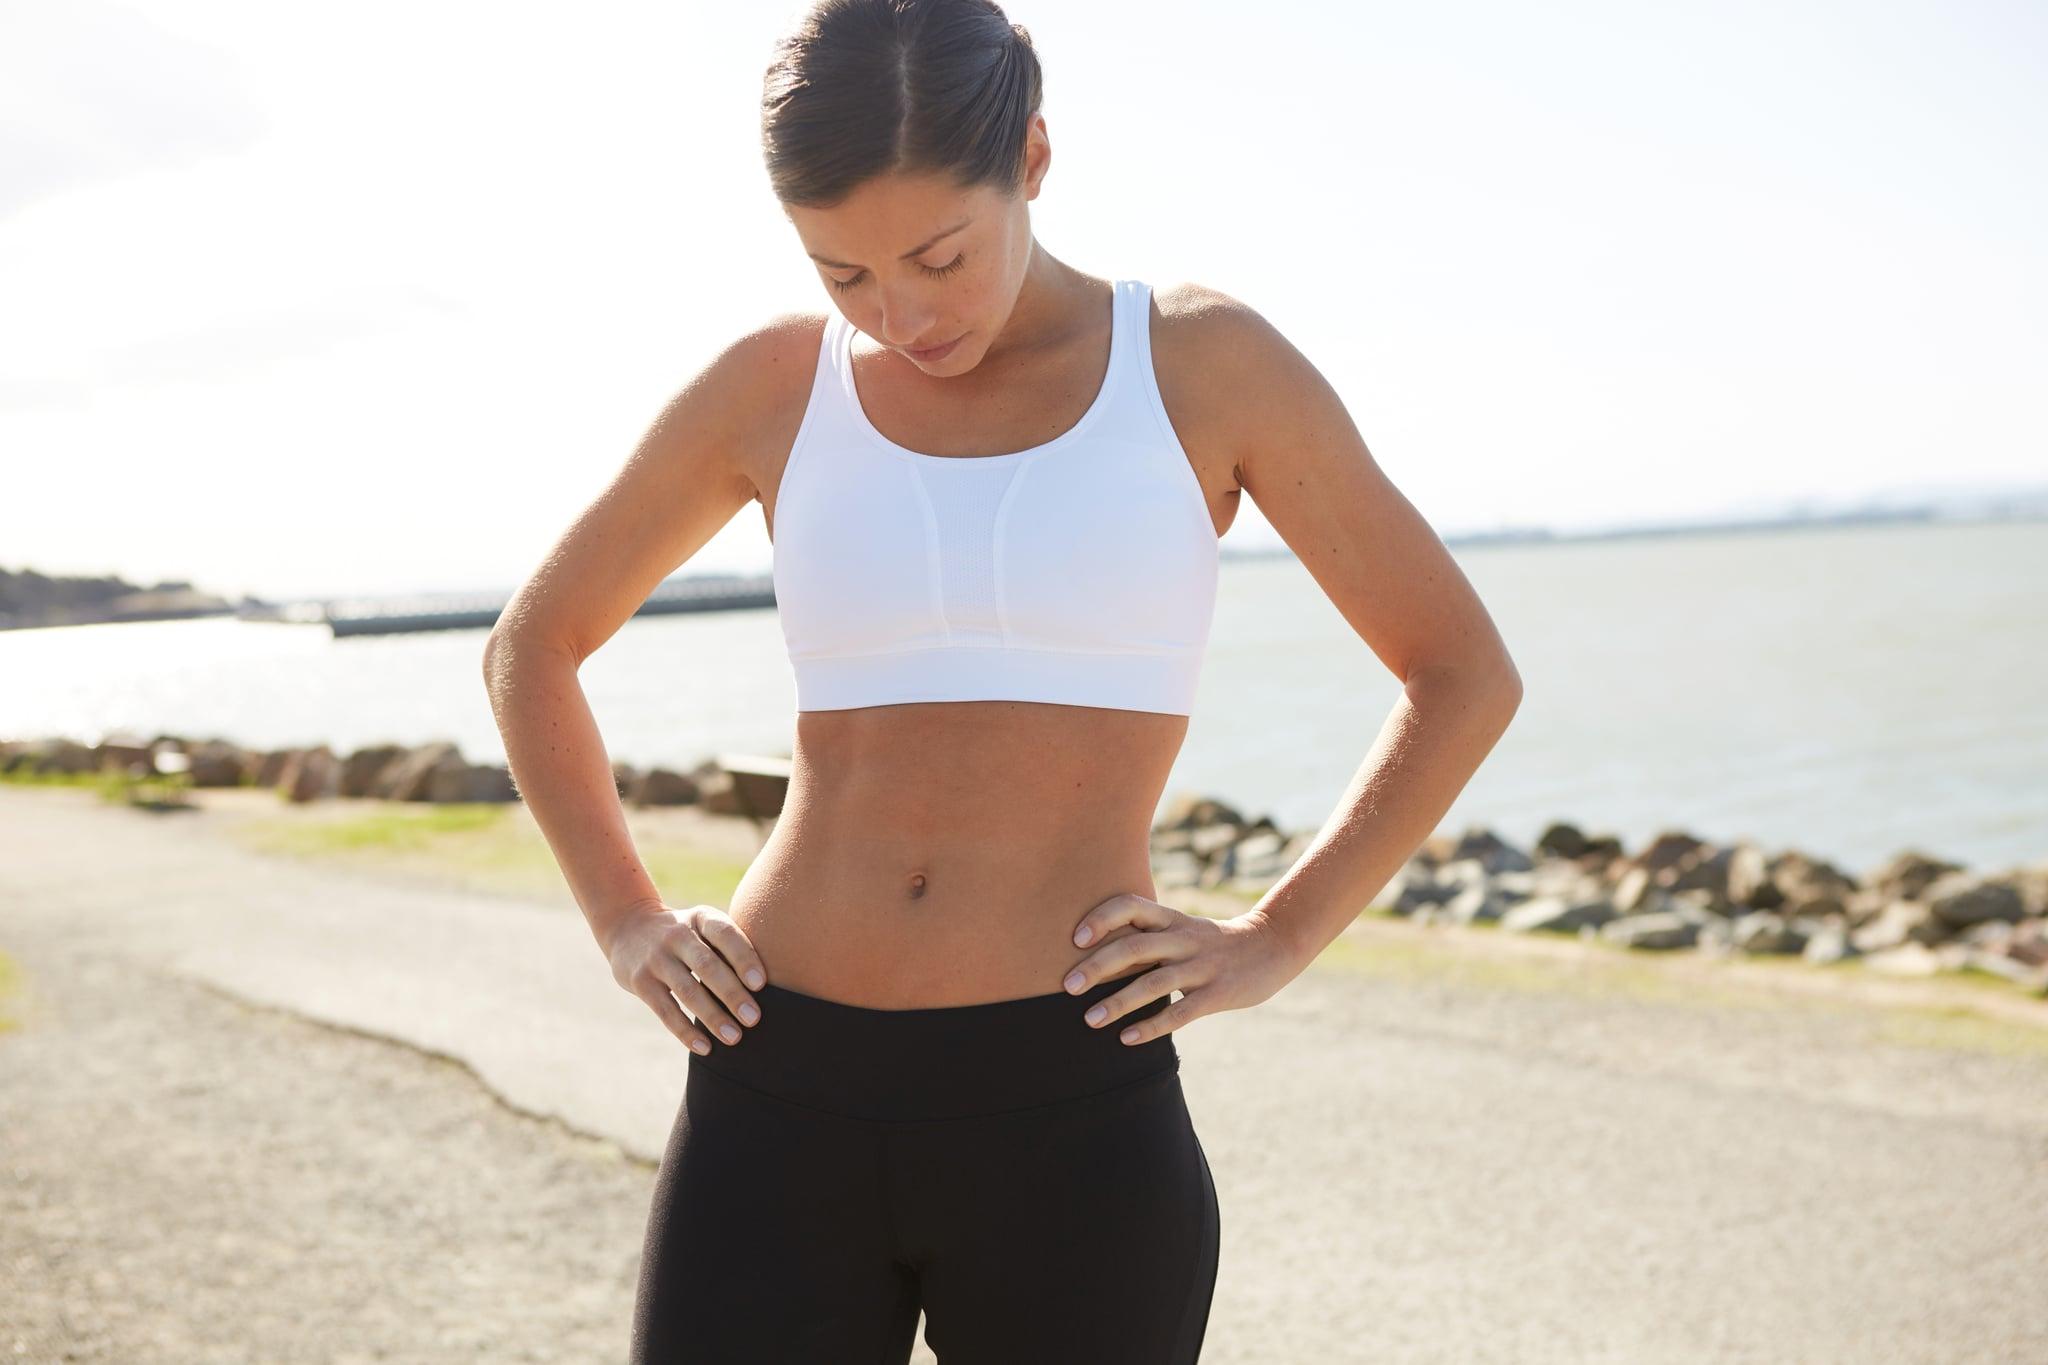 Các cách ăn uống khoa học cho cơ thể khỏe mạnh mà bạn nên thử  - Ảnh 7.